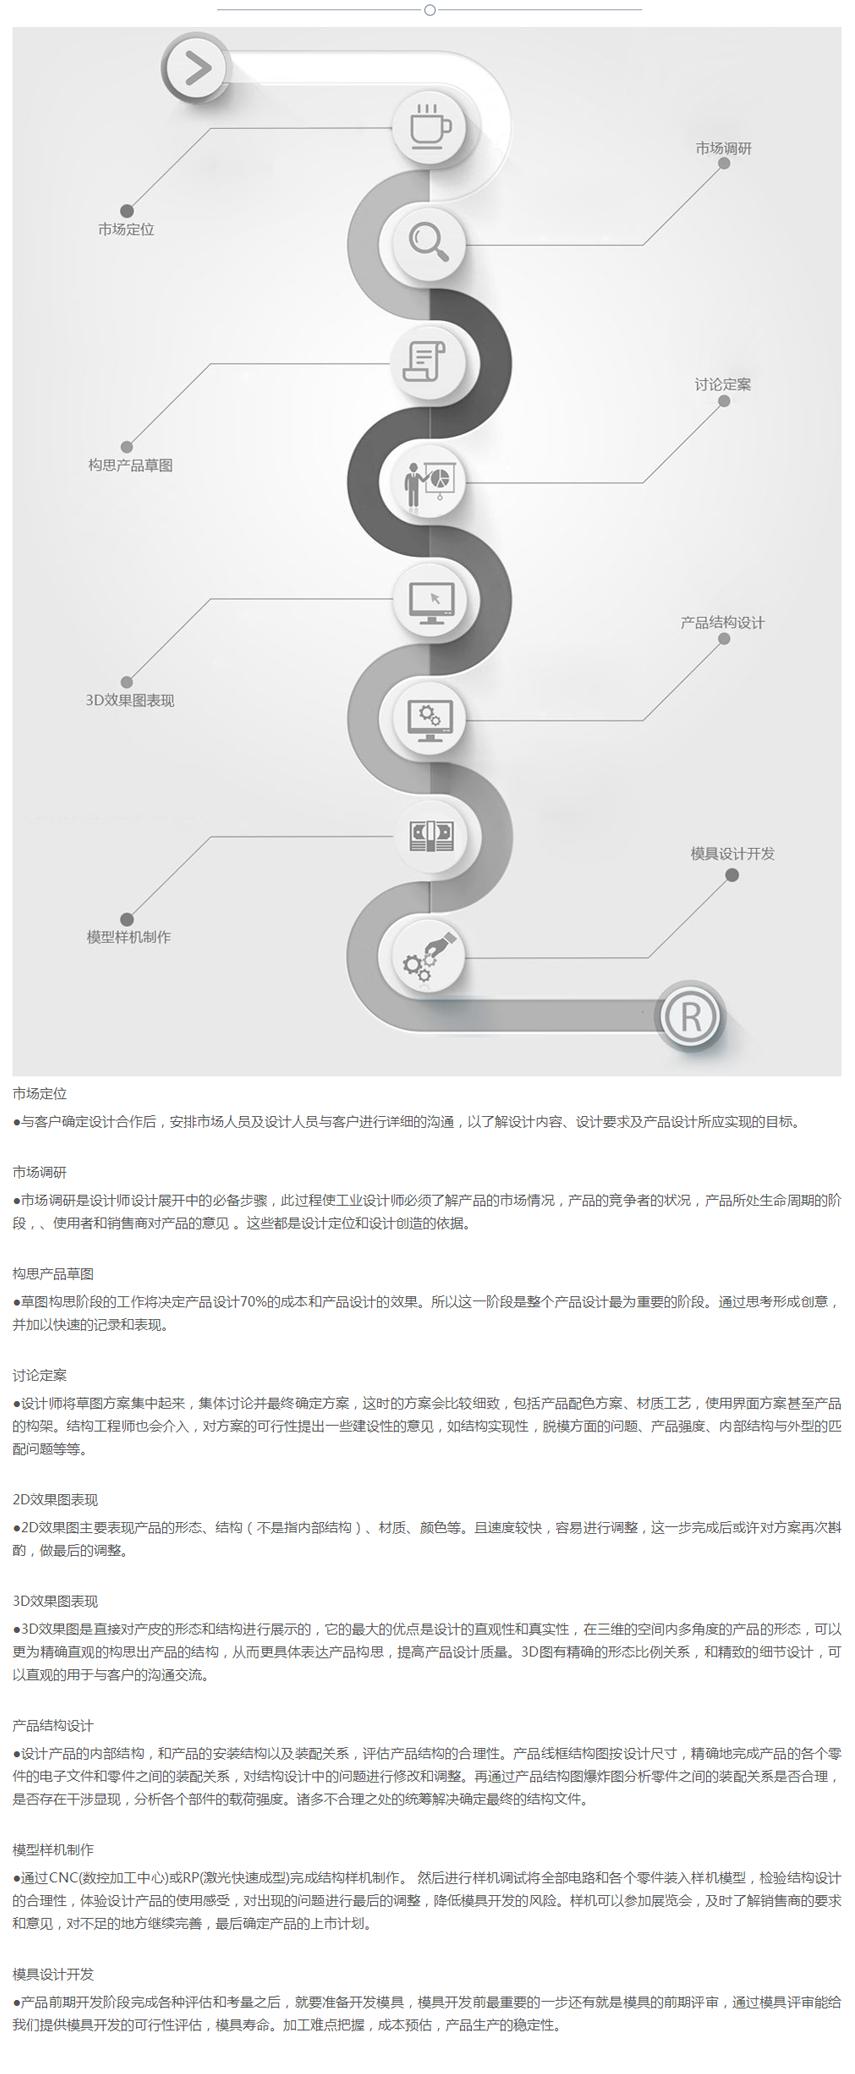 产品外观设计_【产品设计】外观设计工业设计外观设计智能产品设计外观结构设计6